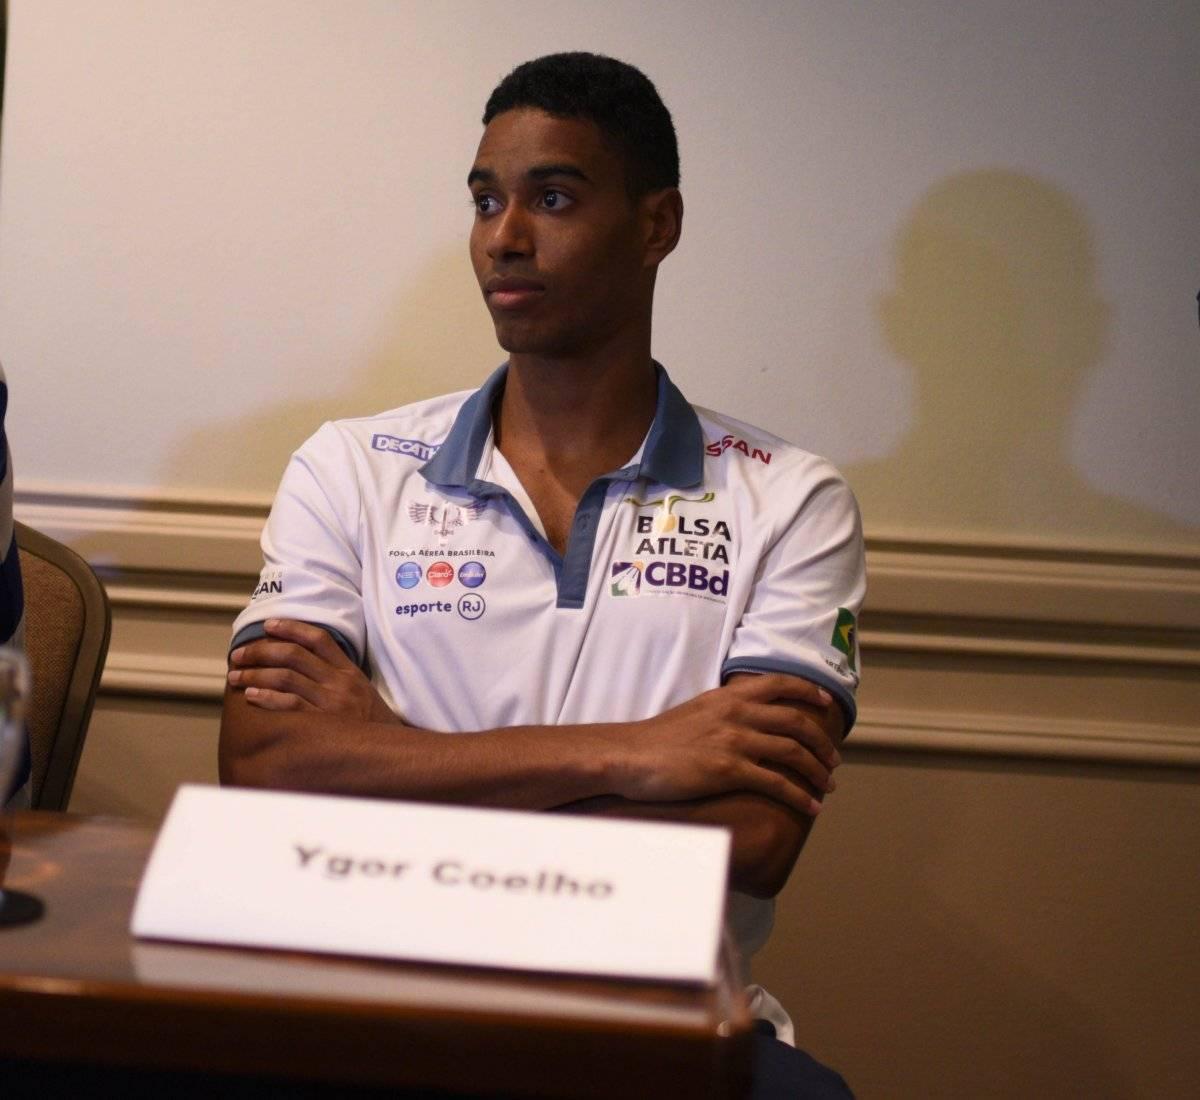 El brasileño Coelho es el actual campeón.